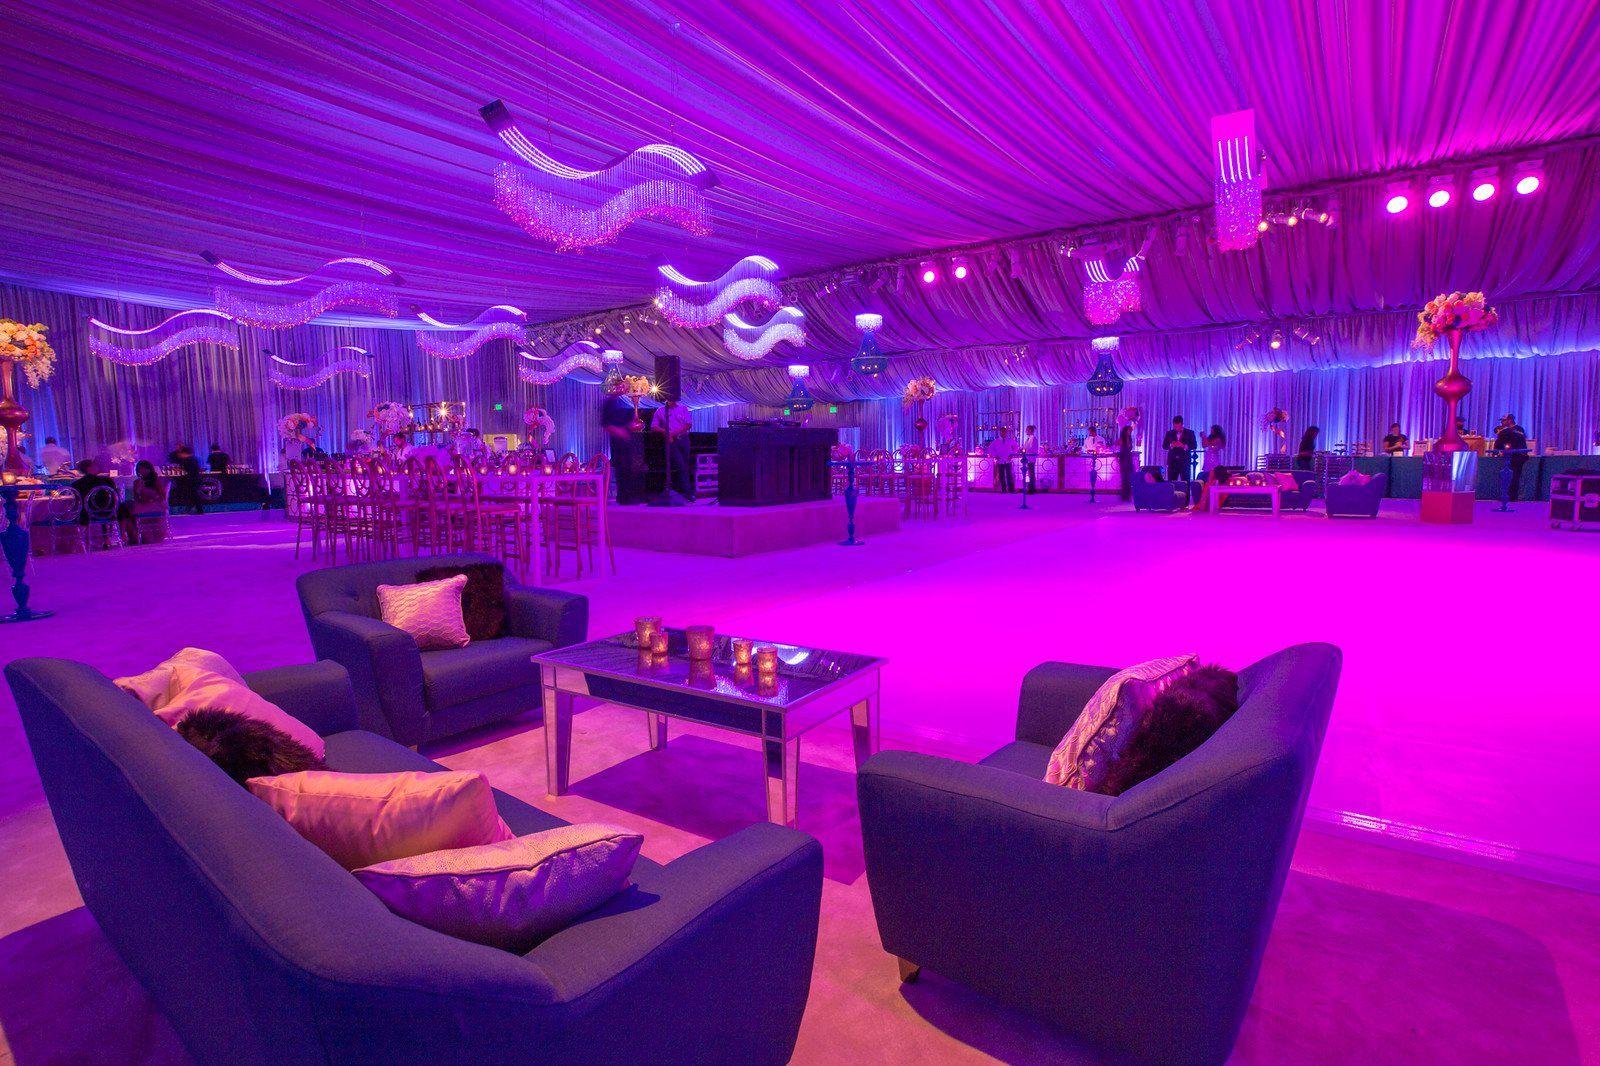 San francisco symphony opening night gala 2015 lighting design by san francisco symphony opening night gala 2015 lighting design by got light event design malvernweather Images